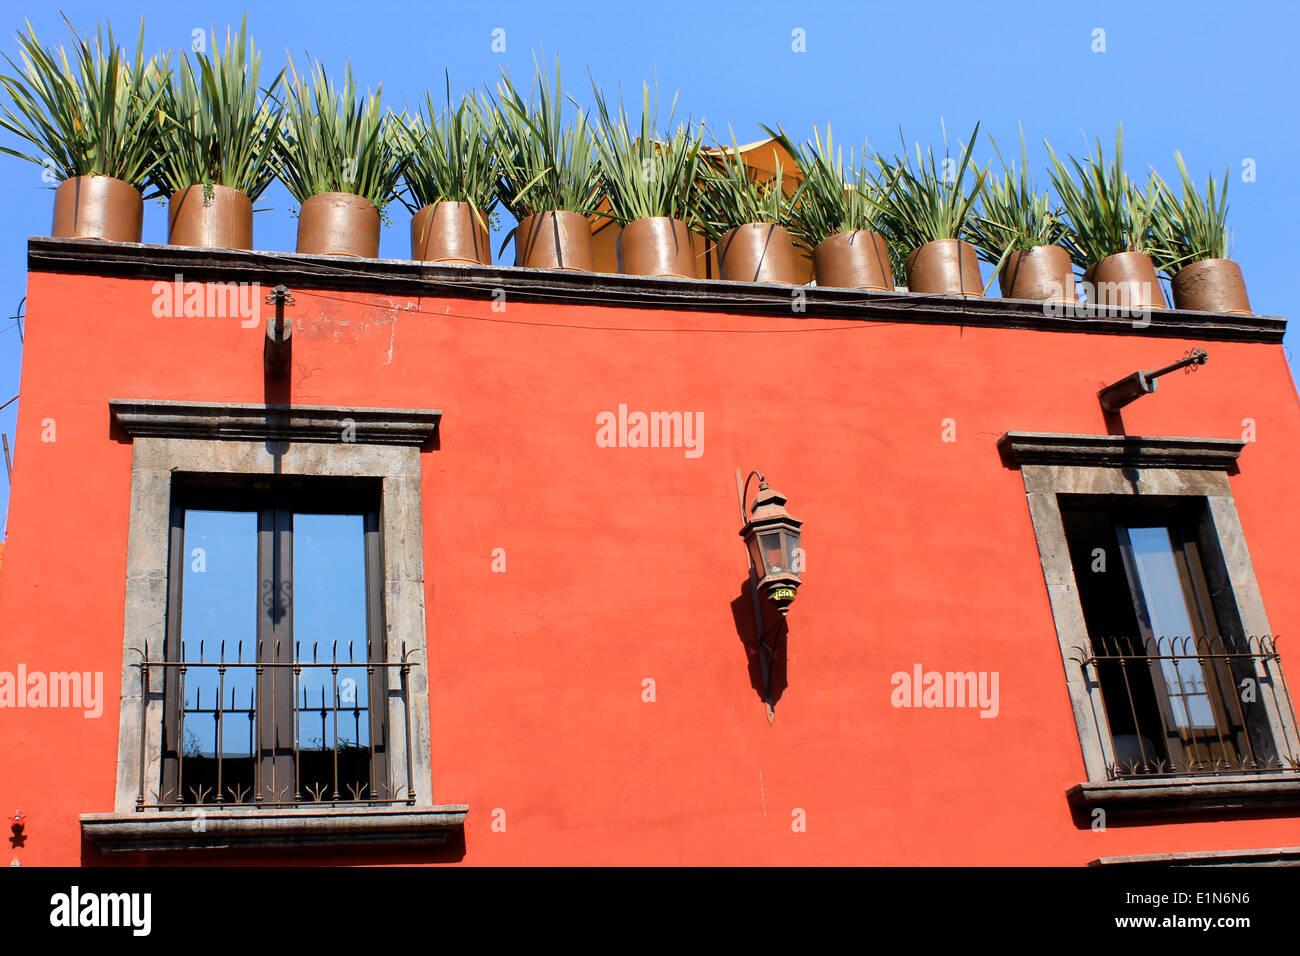 Casa Con Paredes Rojas Y Macetas Con Hierba En La Terraza De